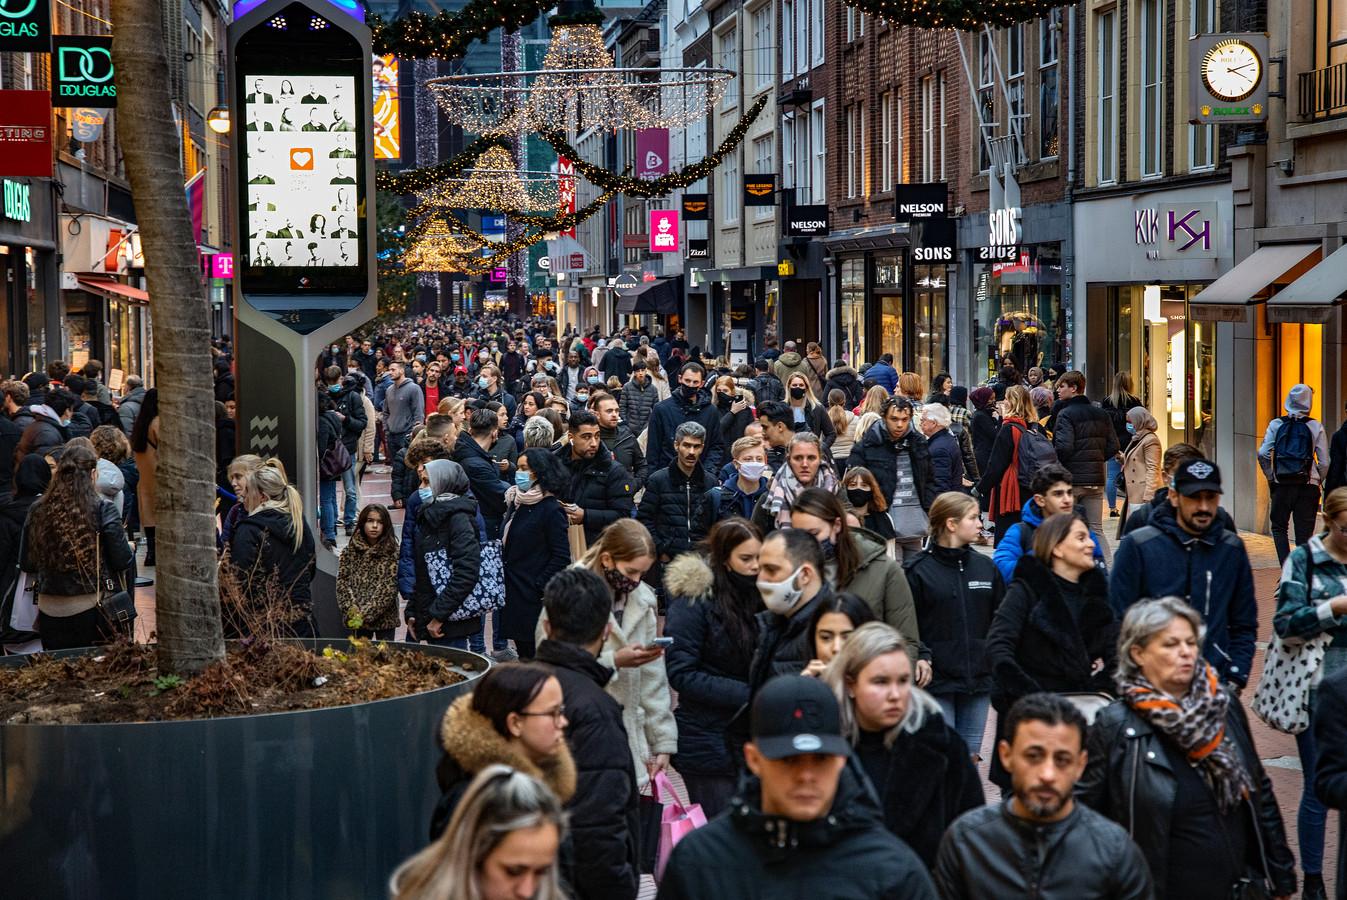 Het was vrijdag vanwege Black Friday zo druk in de Eindhovense binnenstad dat afstand houden onmogelijk was.